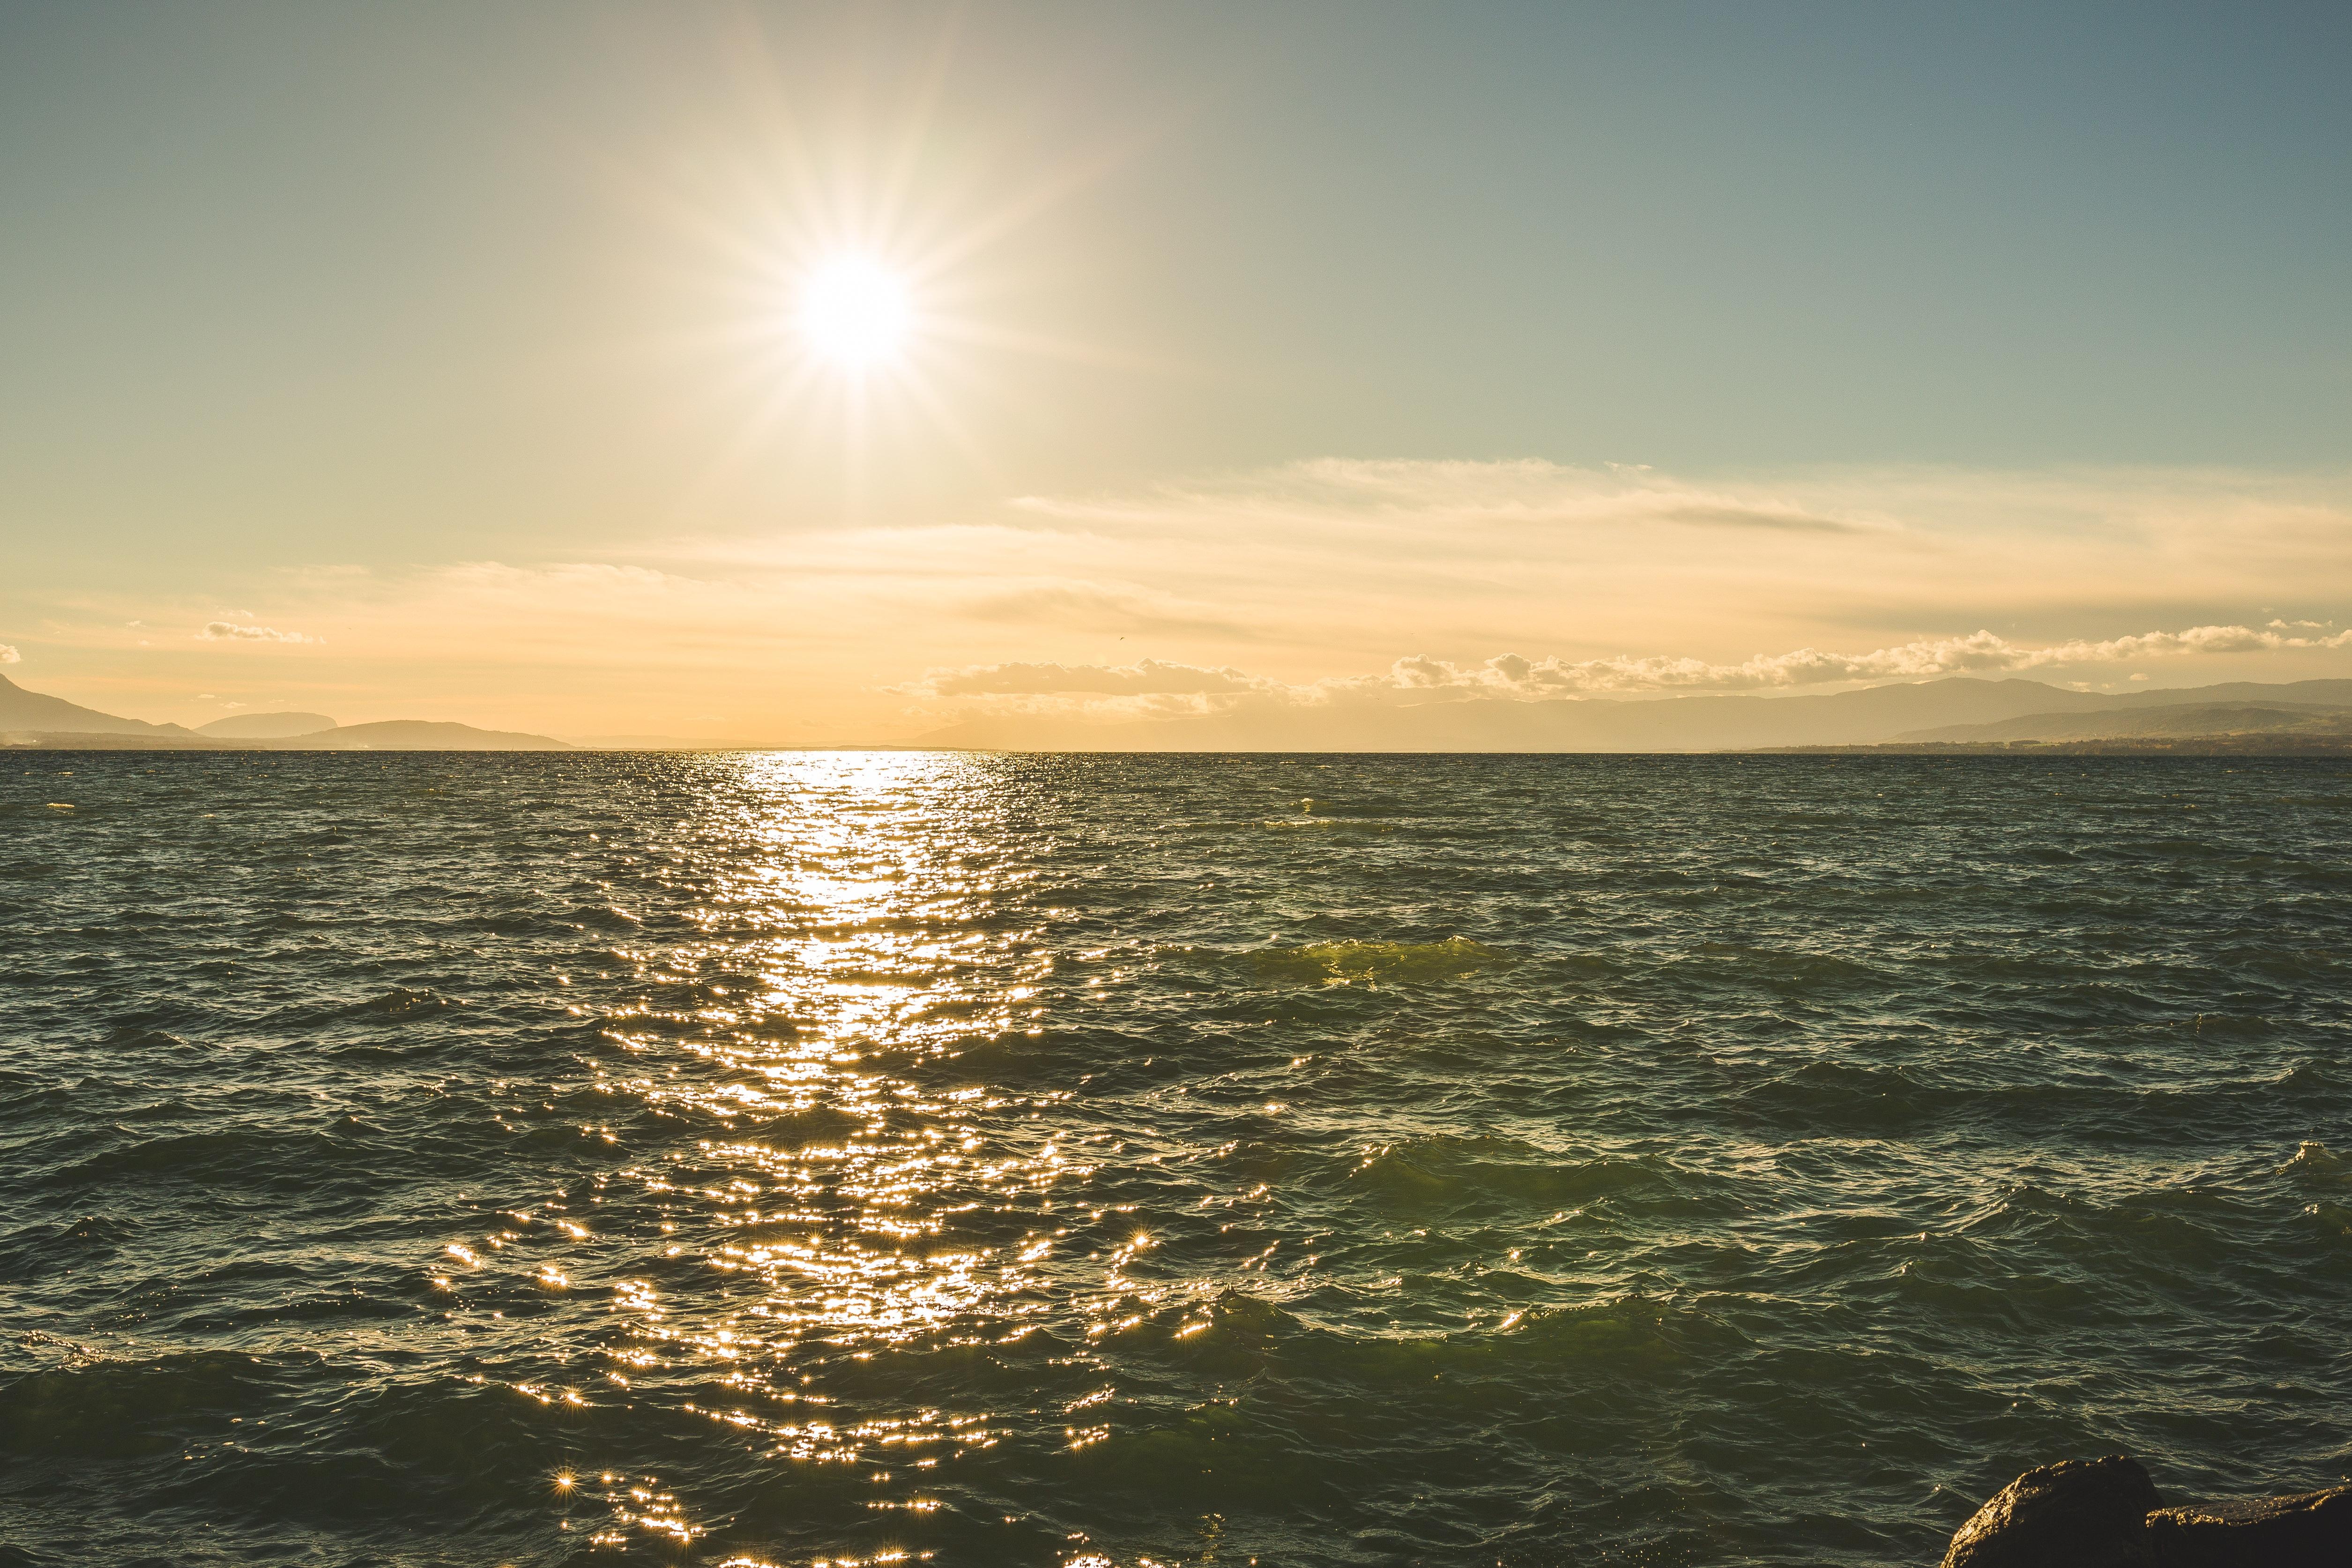 Фото испанских морских берегов печать